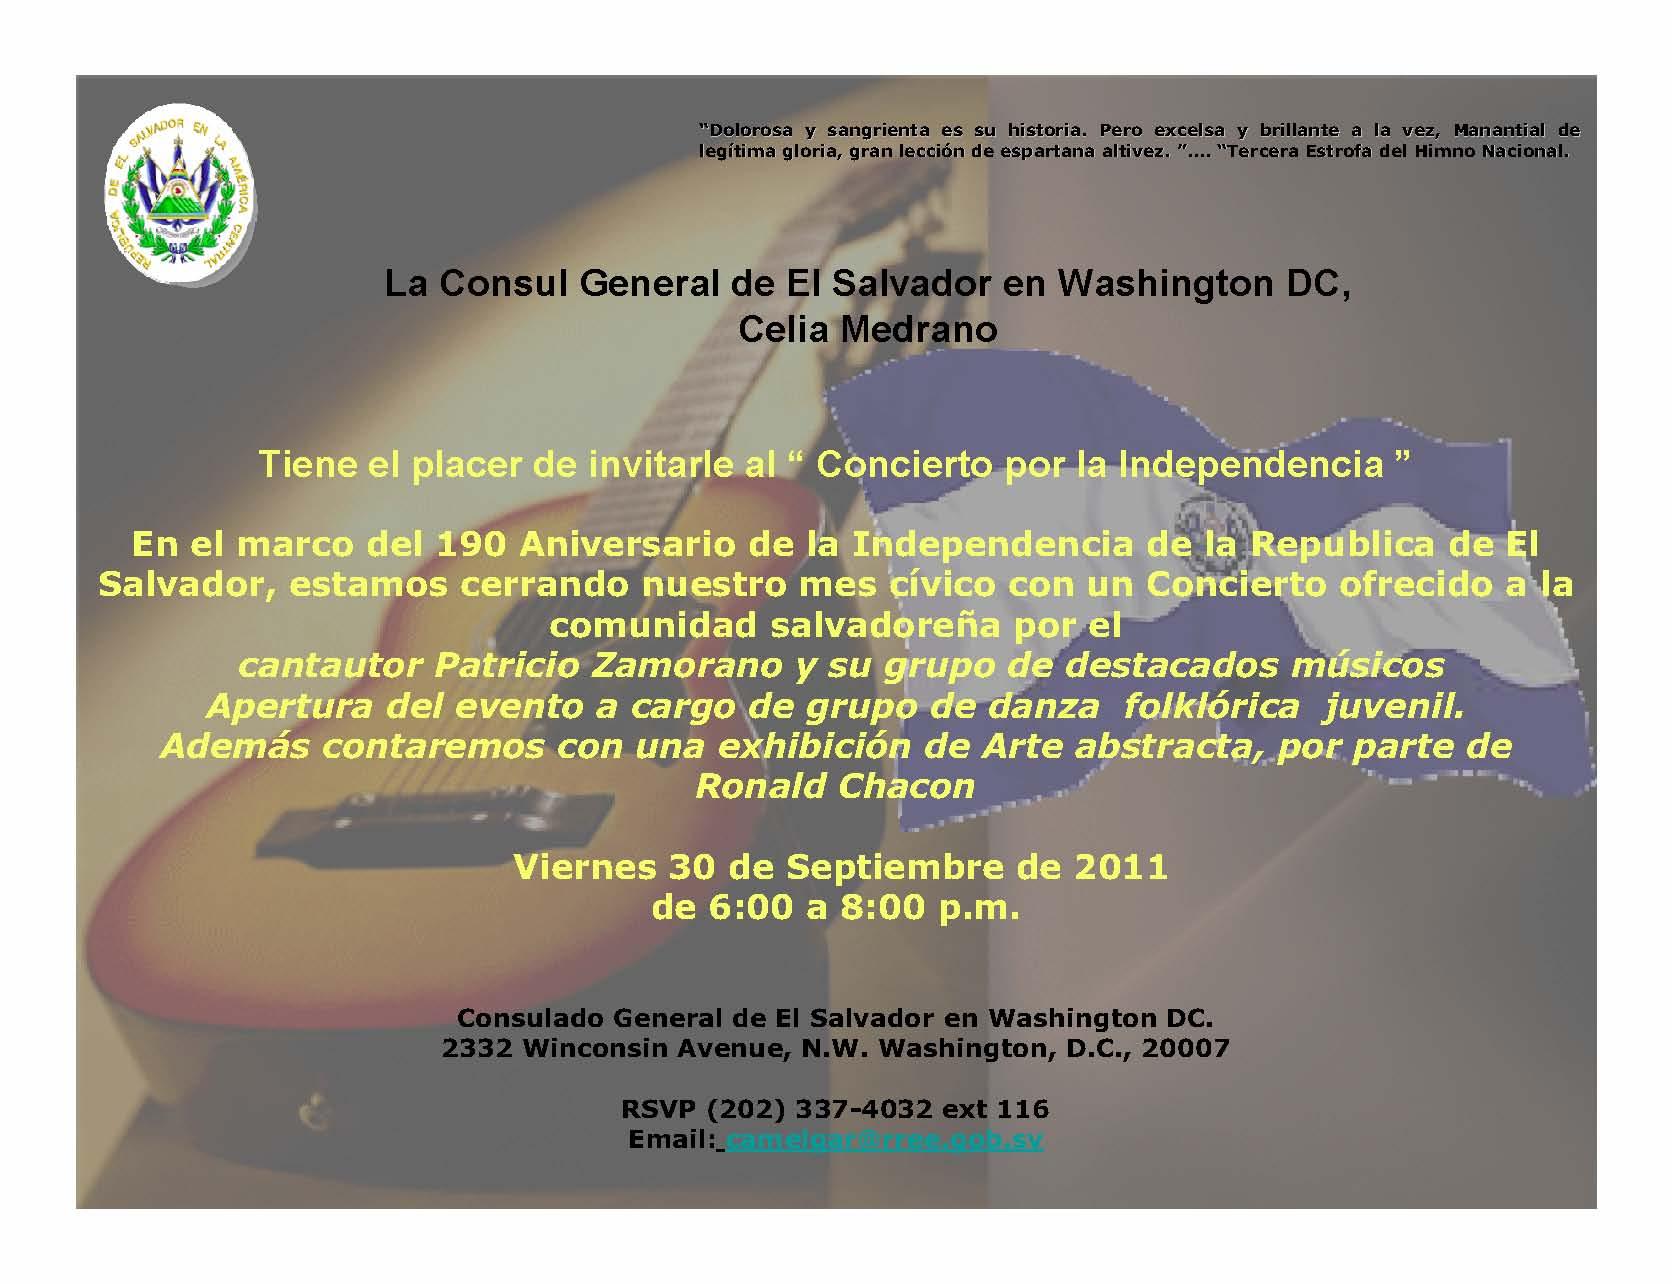 Invitacion Concierto 30 de Septiembre 2